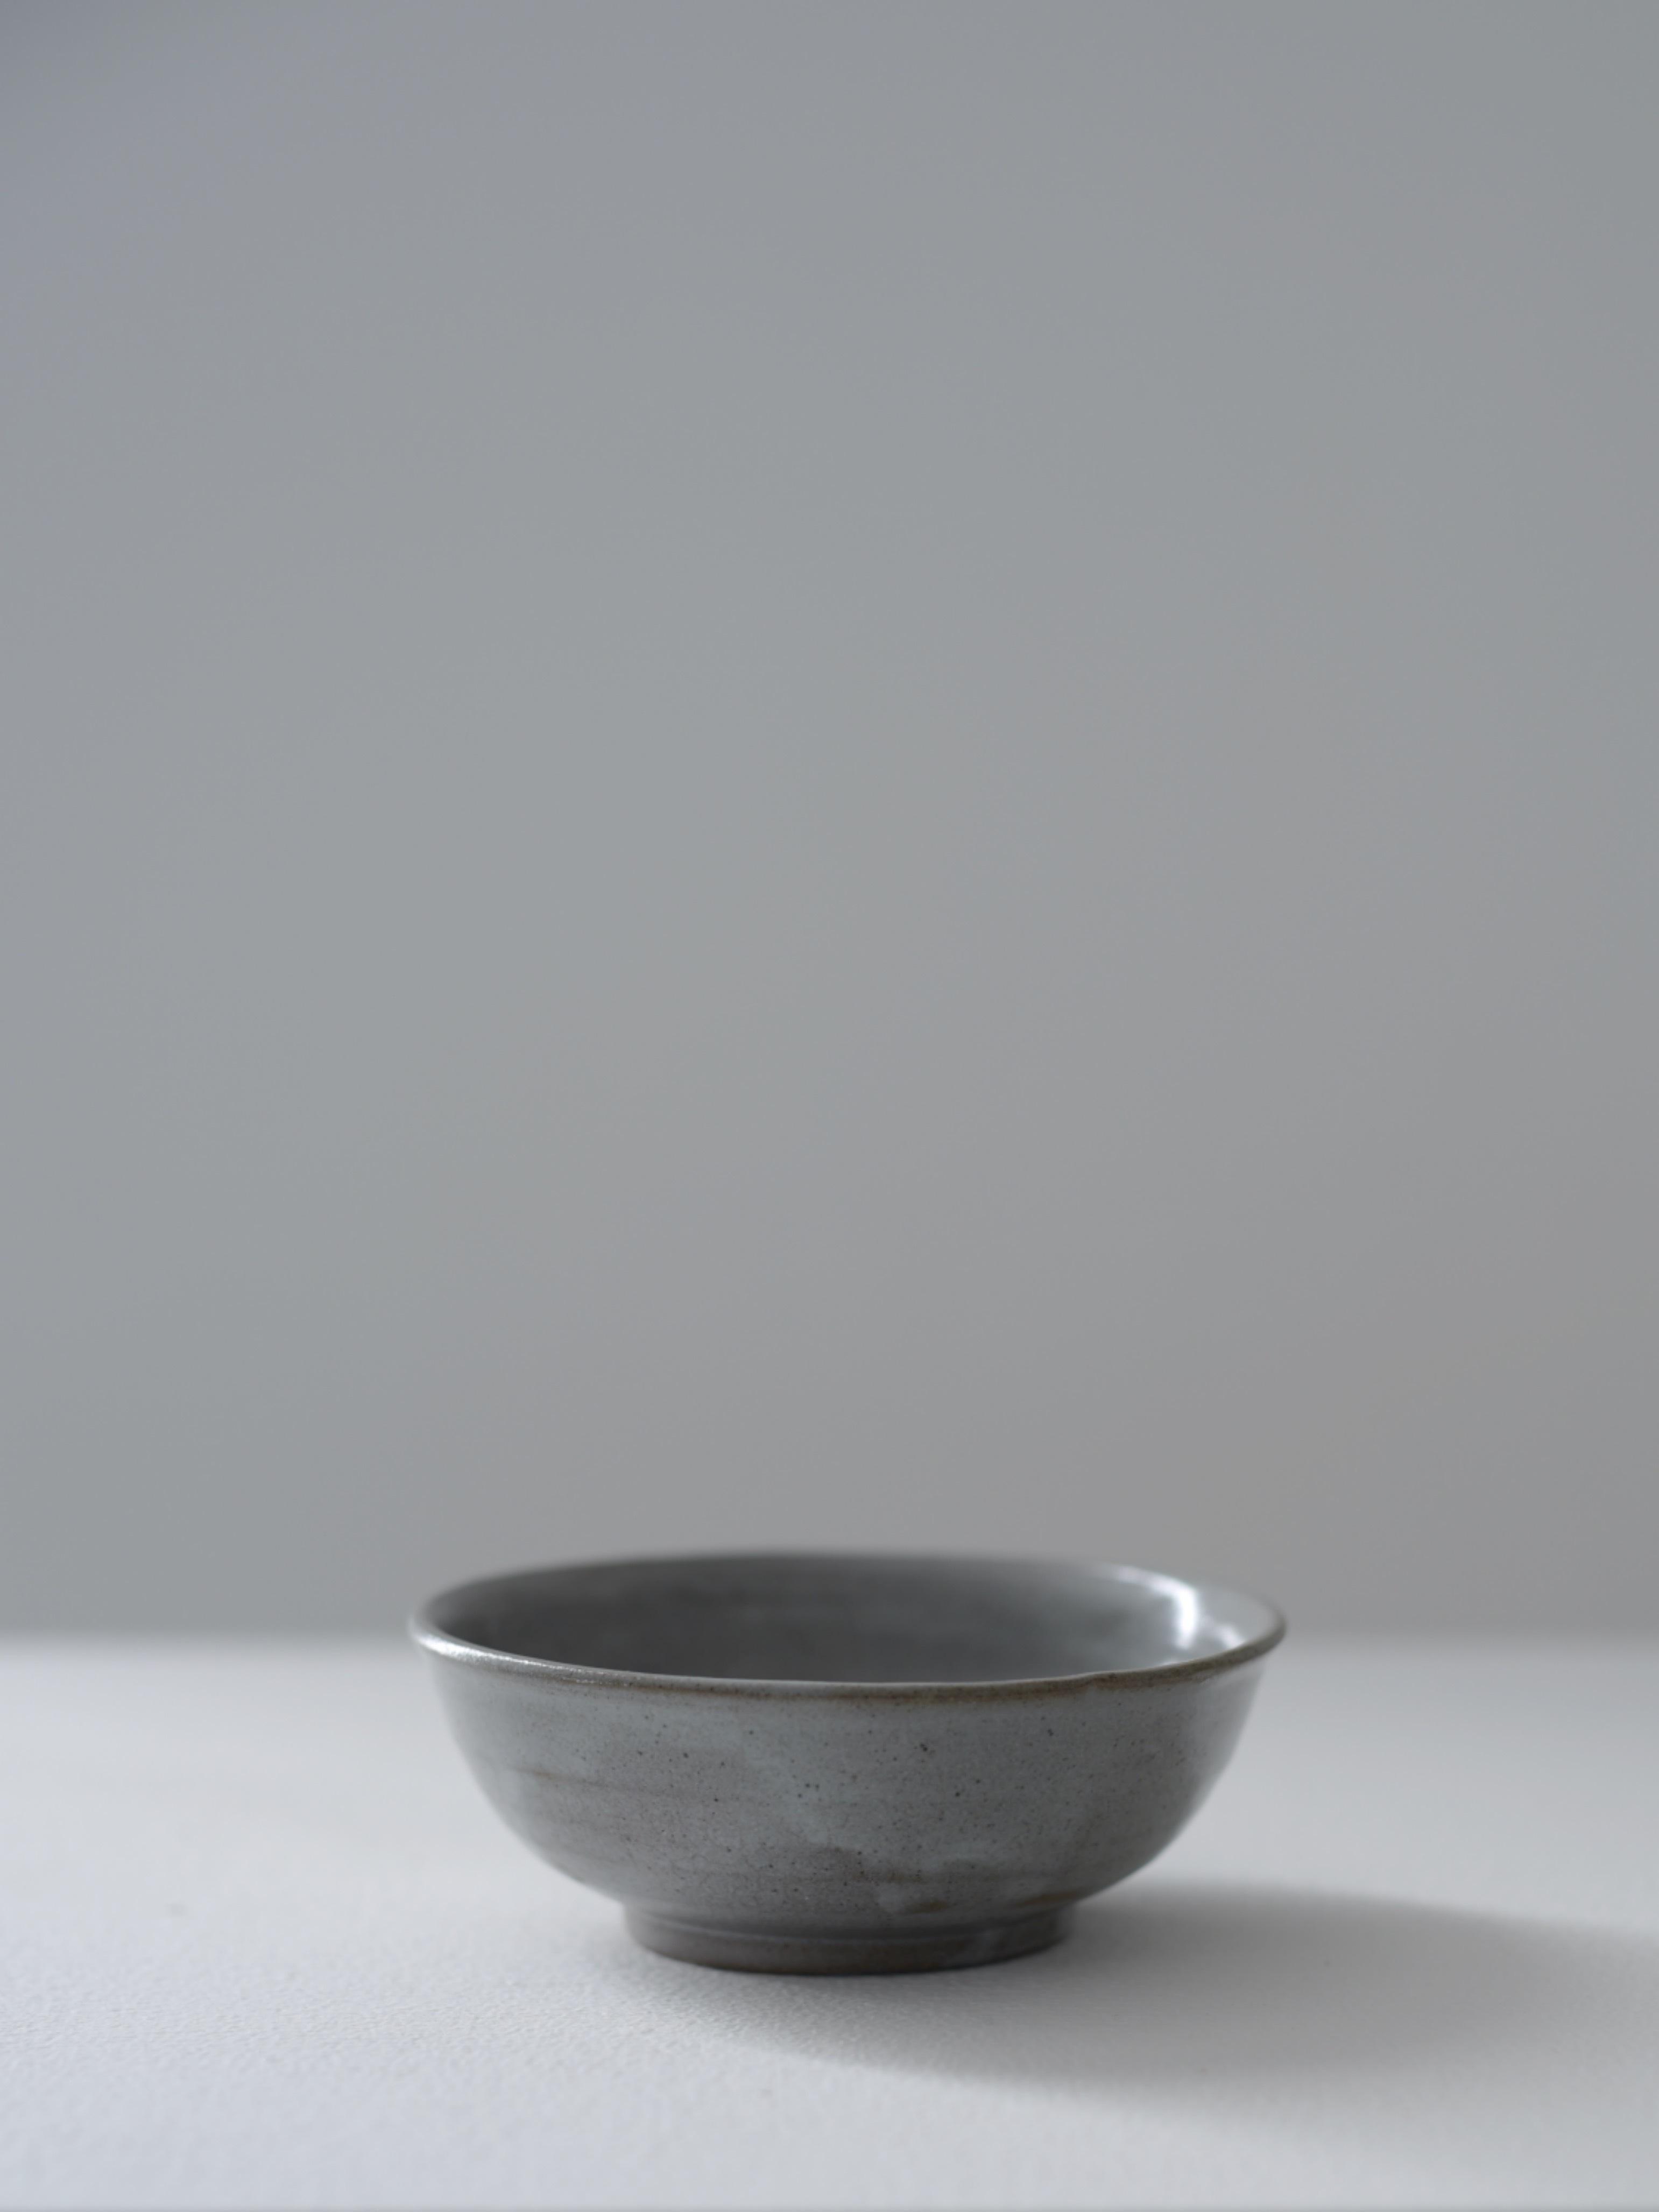 安部太一 長石釉小鉢